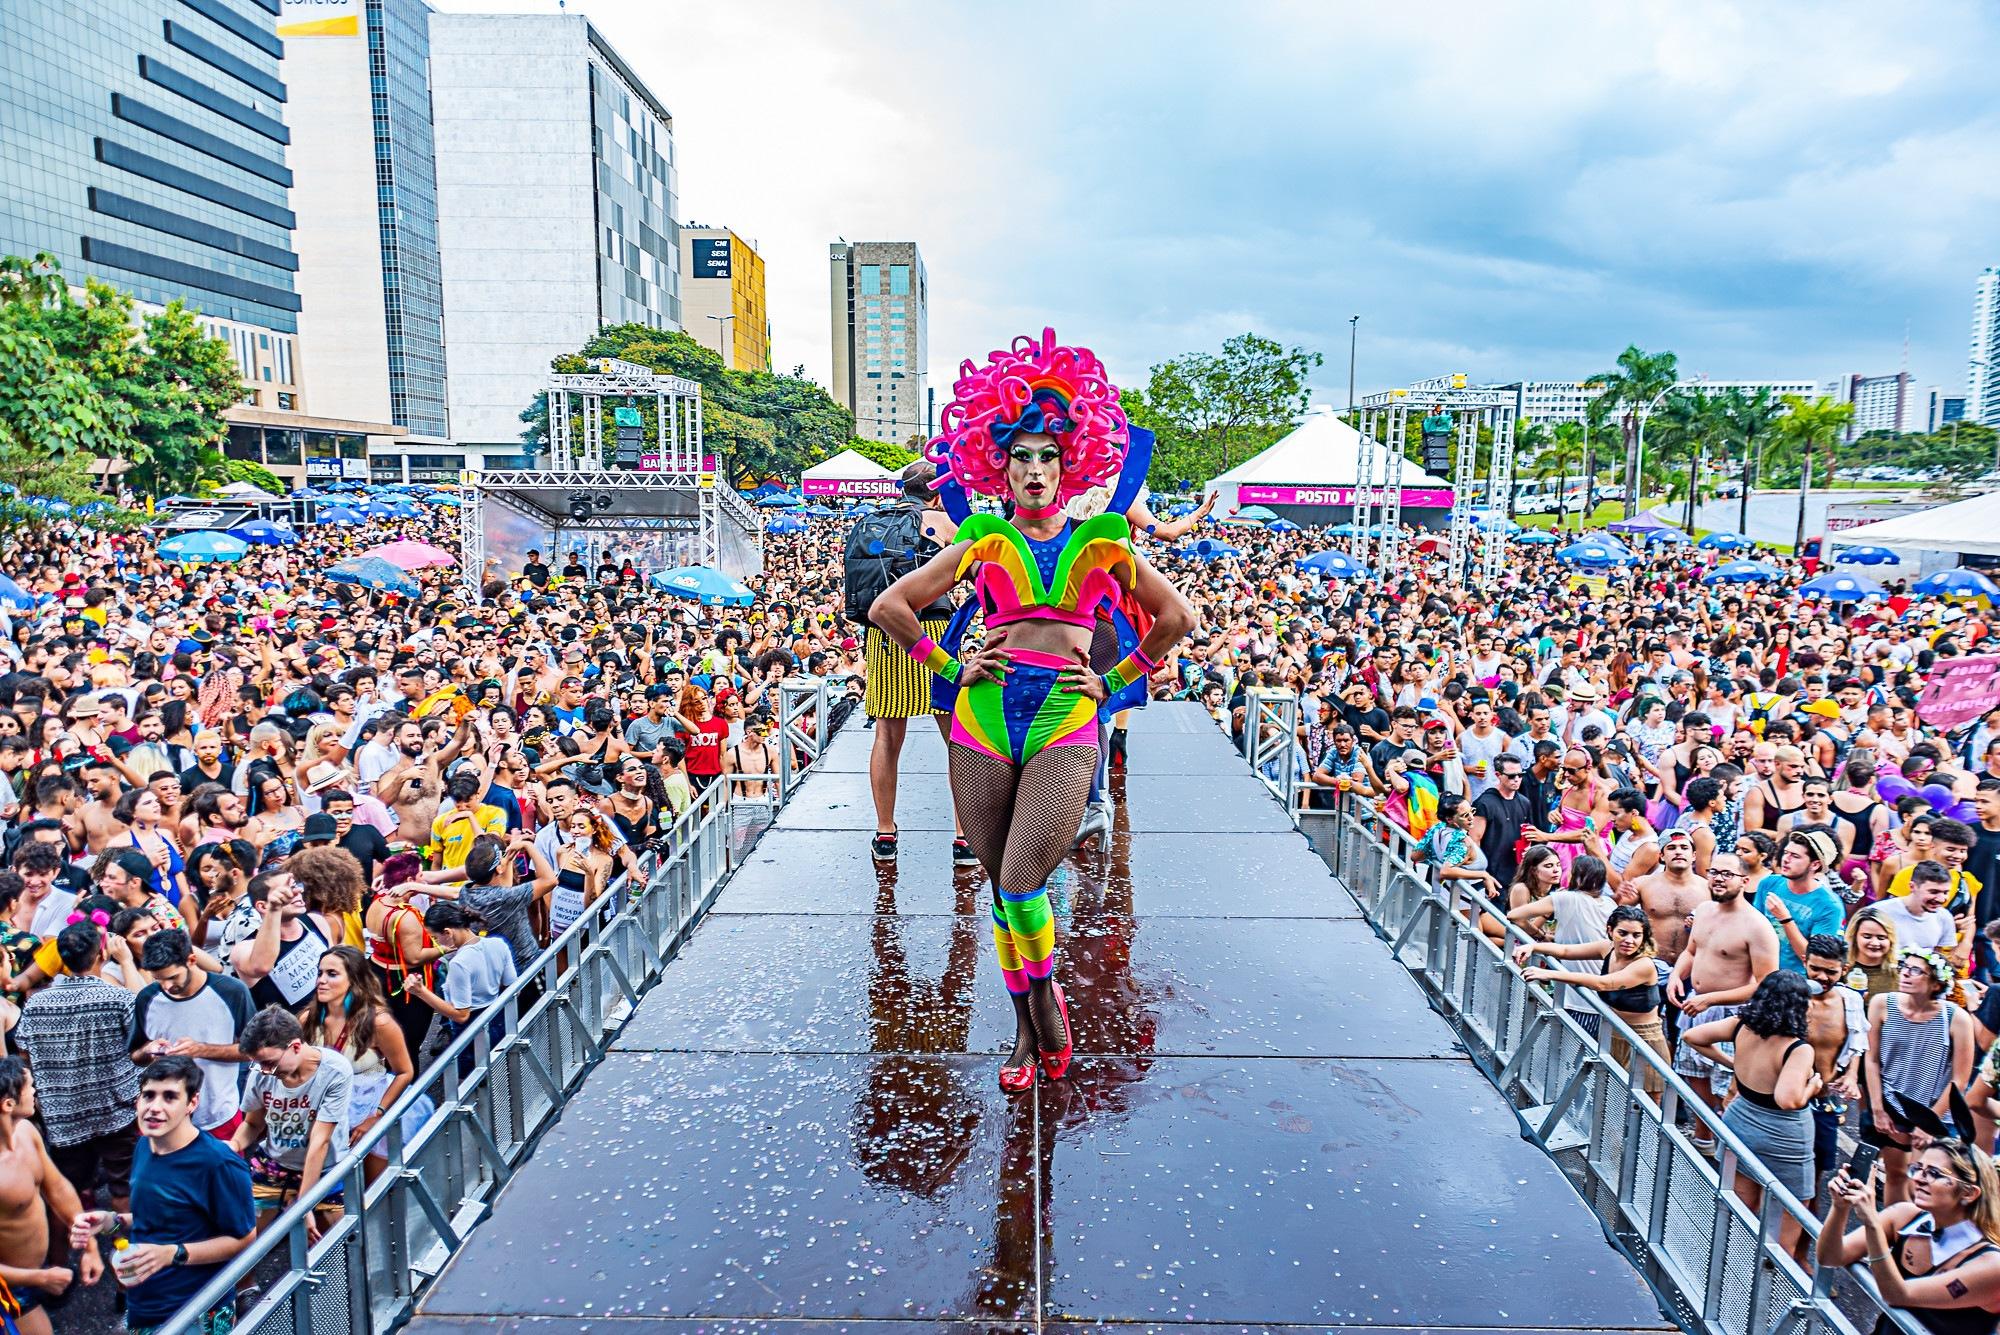 Carnaval de Todas as Cores leva respeito e diversidade ao carnaval do DF